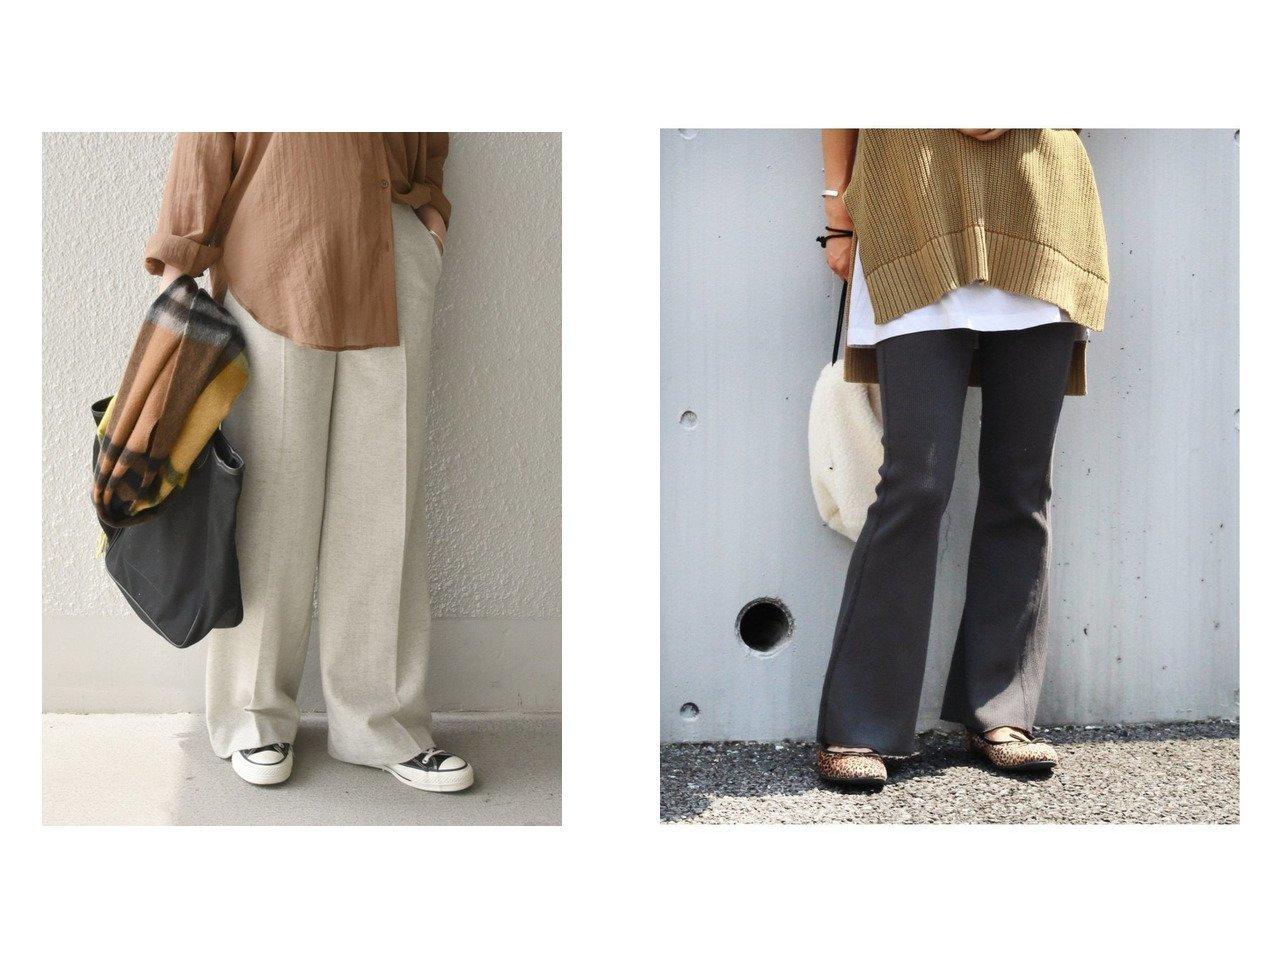 【JOURNAL STANDARD relume/ジャーナルスタンダード レリューム】のPu ワッフル EASY PT&【SHIPS any/シップス エニィ】のSHIPS any エコウールワイドパンツ パンツのおすすめ!人気、トレンド・レディースファッションの通販 おすすめで人気の流行・トレンド、ファッションの通販商品 メンズファッション・キッズファッション・インテリア・家具・レディースファッション・服の通販 founy(ファニー) https://founy.com/ ファッション Fashion レディースファッション WOMEN パンツ Pants 2020年 2020 2020-2021 秋冬 A/W AW Autumn/Winter / FW Fall-Winter 2020-2021 A/W 秋冬 AW Autumn/Winter / FW Fall-Winter ジーンズ スウェット フィット フレア ポケット ワッフル 楽ちん ストレート センター ツイード ワイド |ID:crp329100000013656